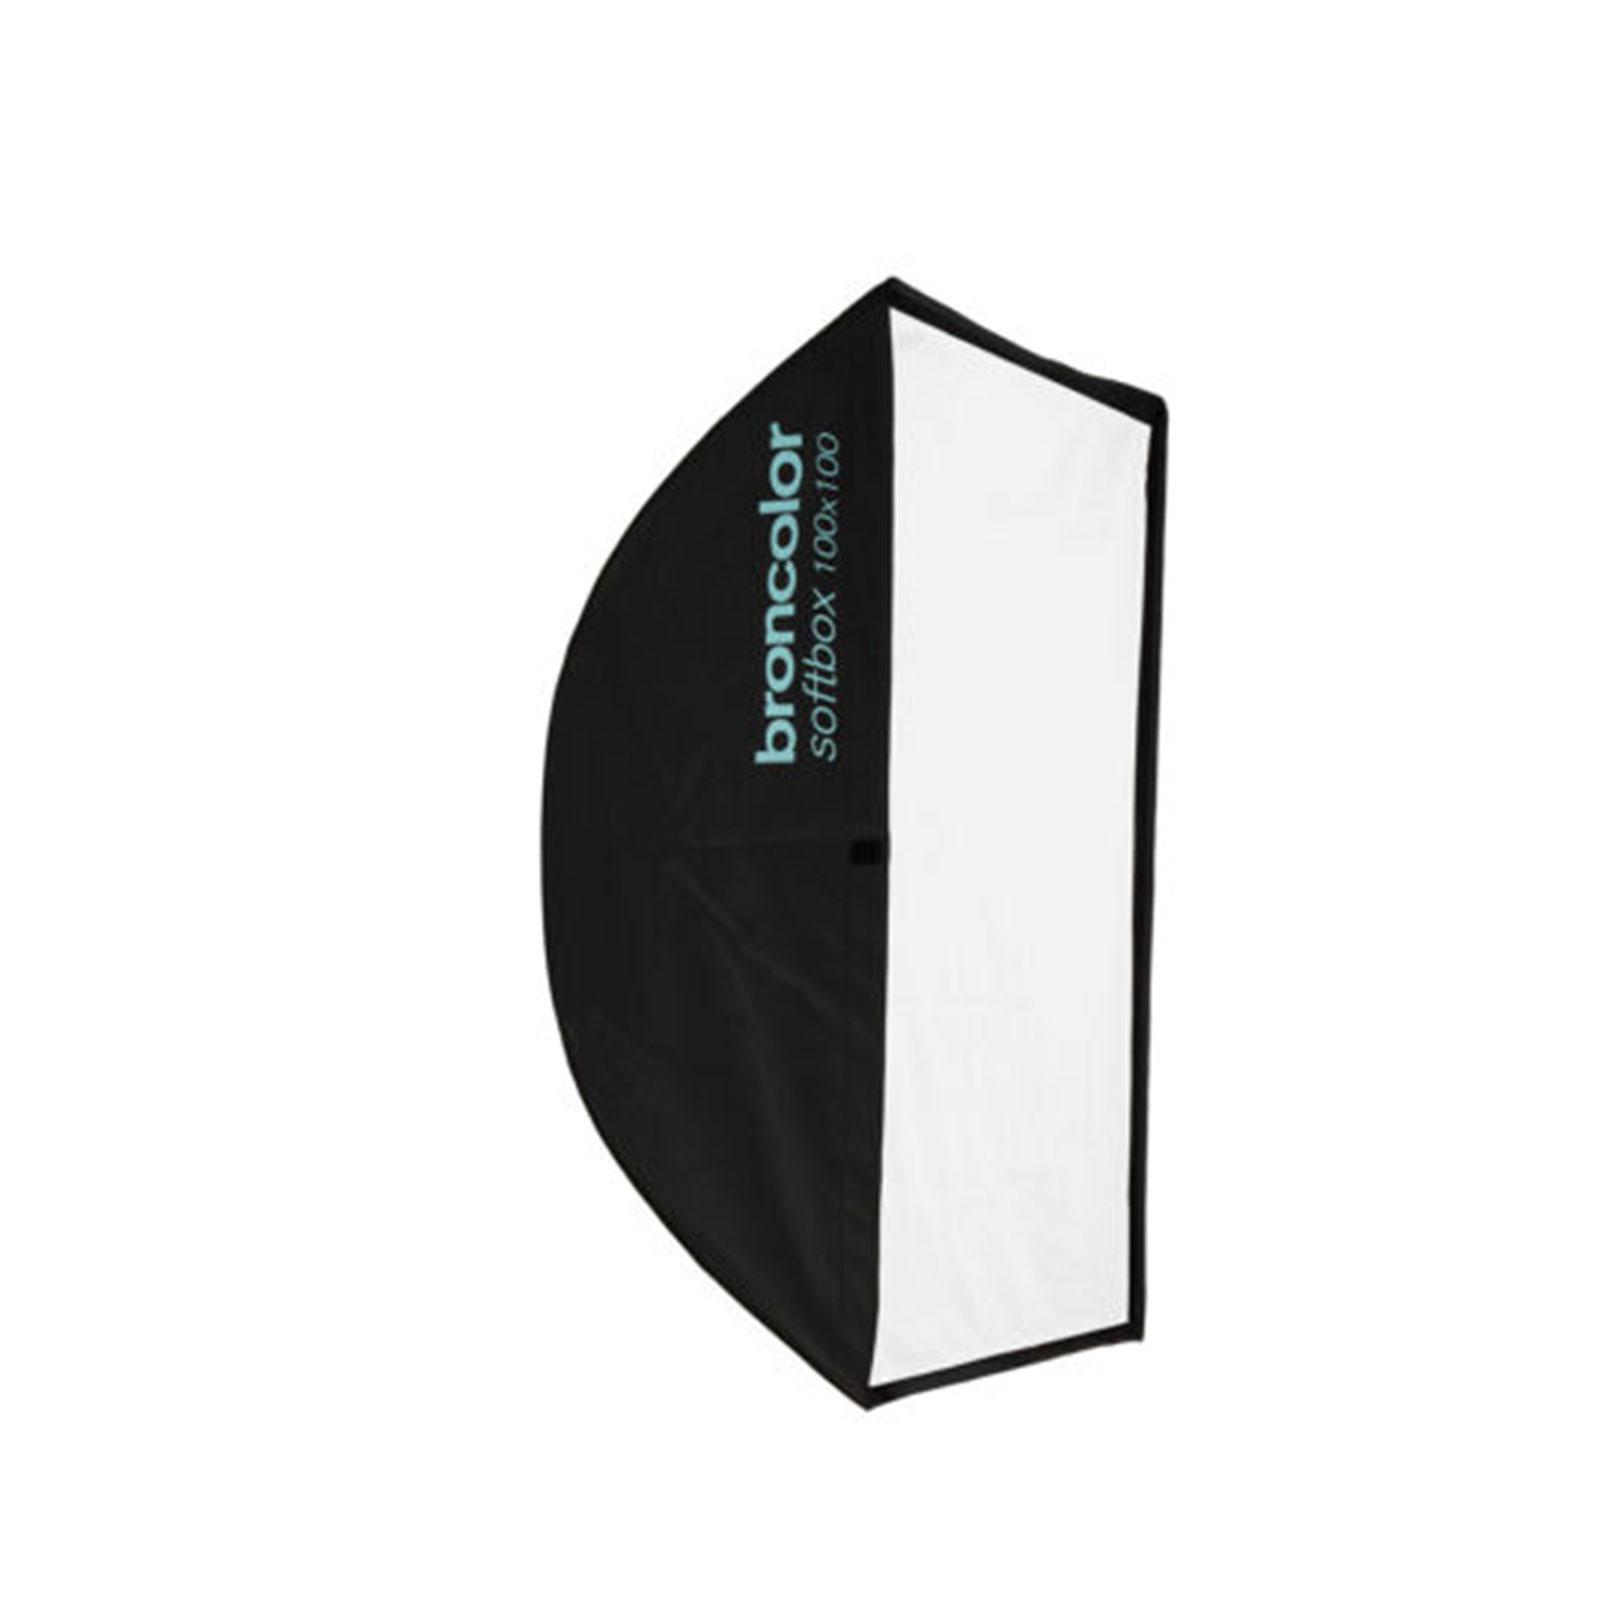 Noleggio Broncolor box 100x100